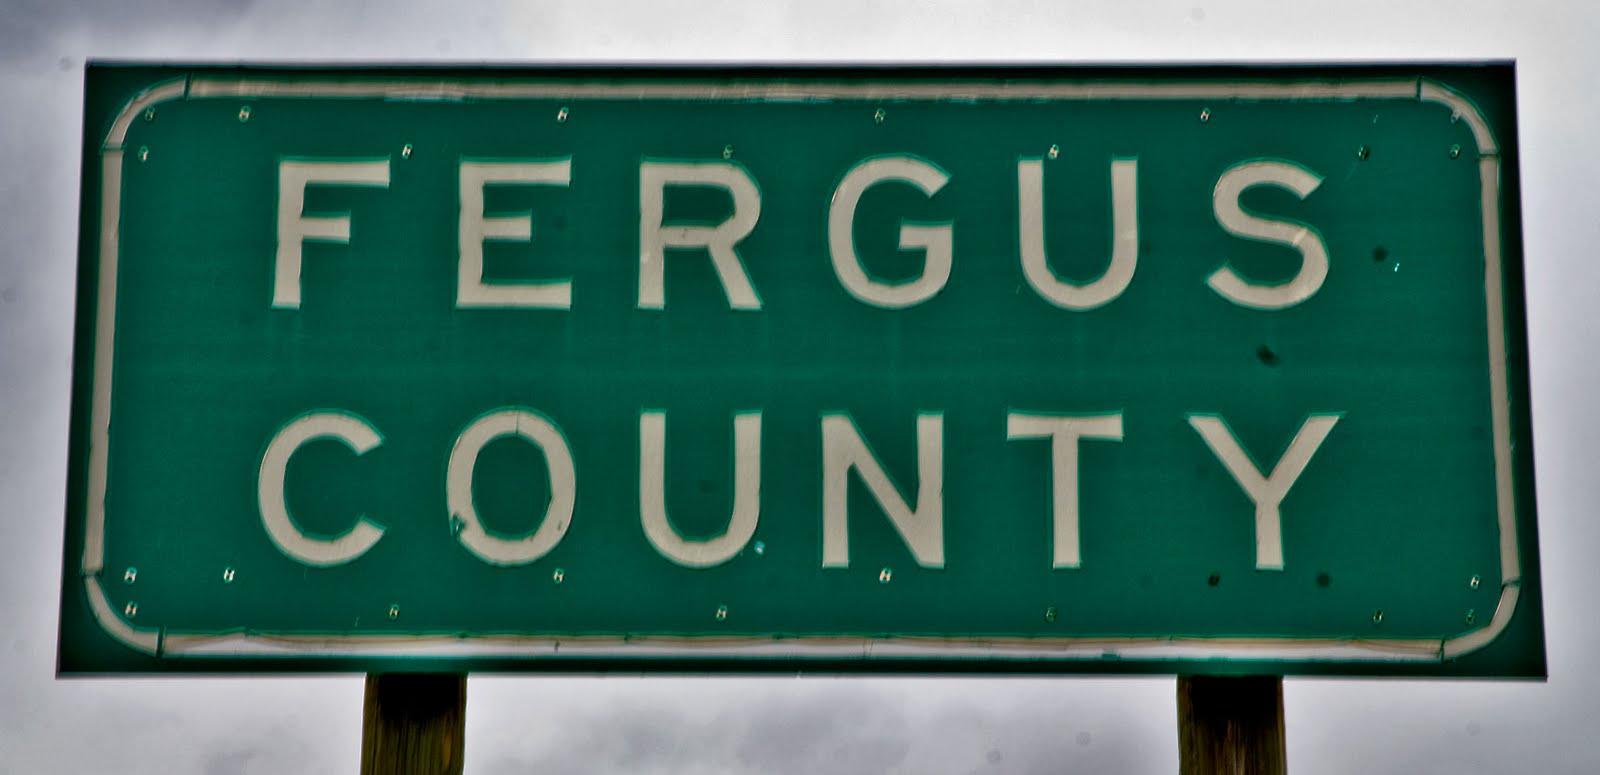 Fergus County was formedfergus county